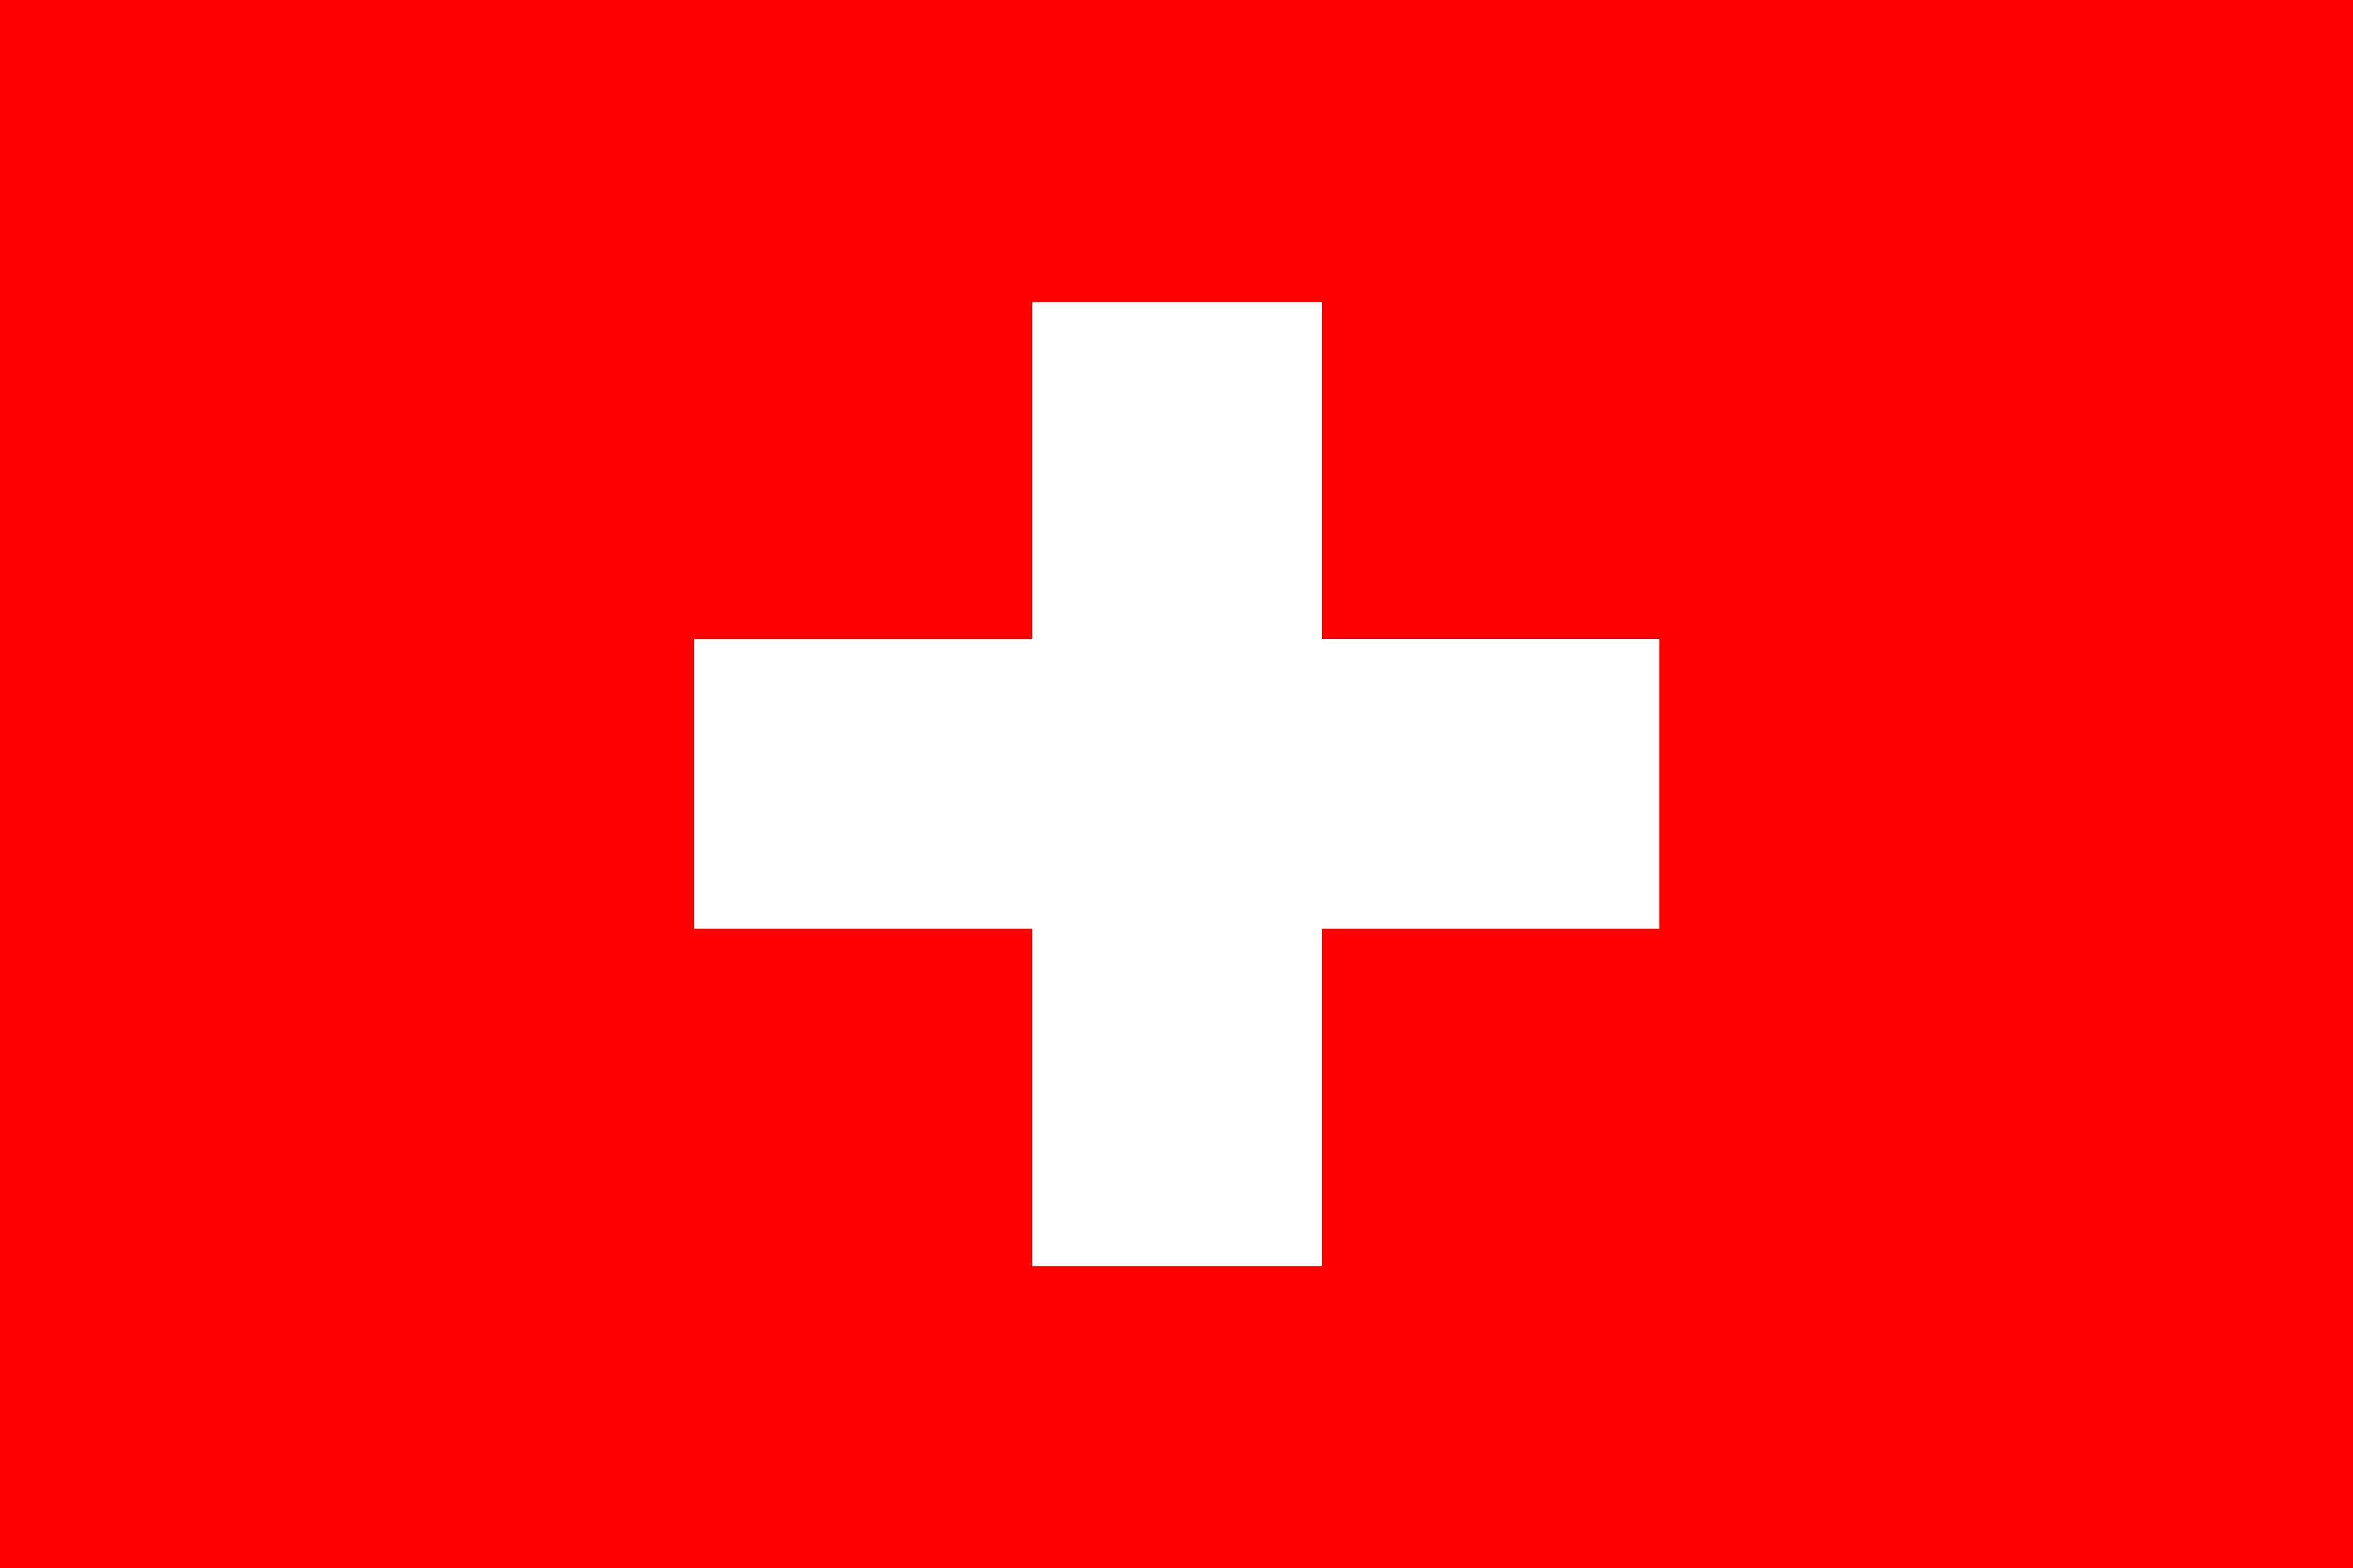 Risultato immagine per bandiera svizzera